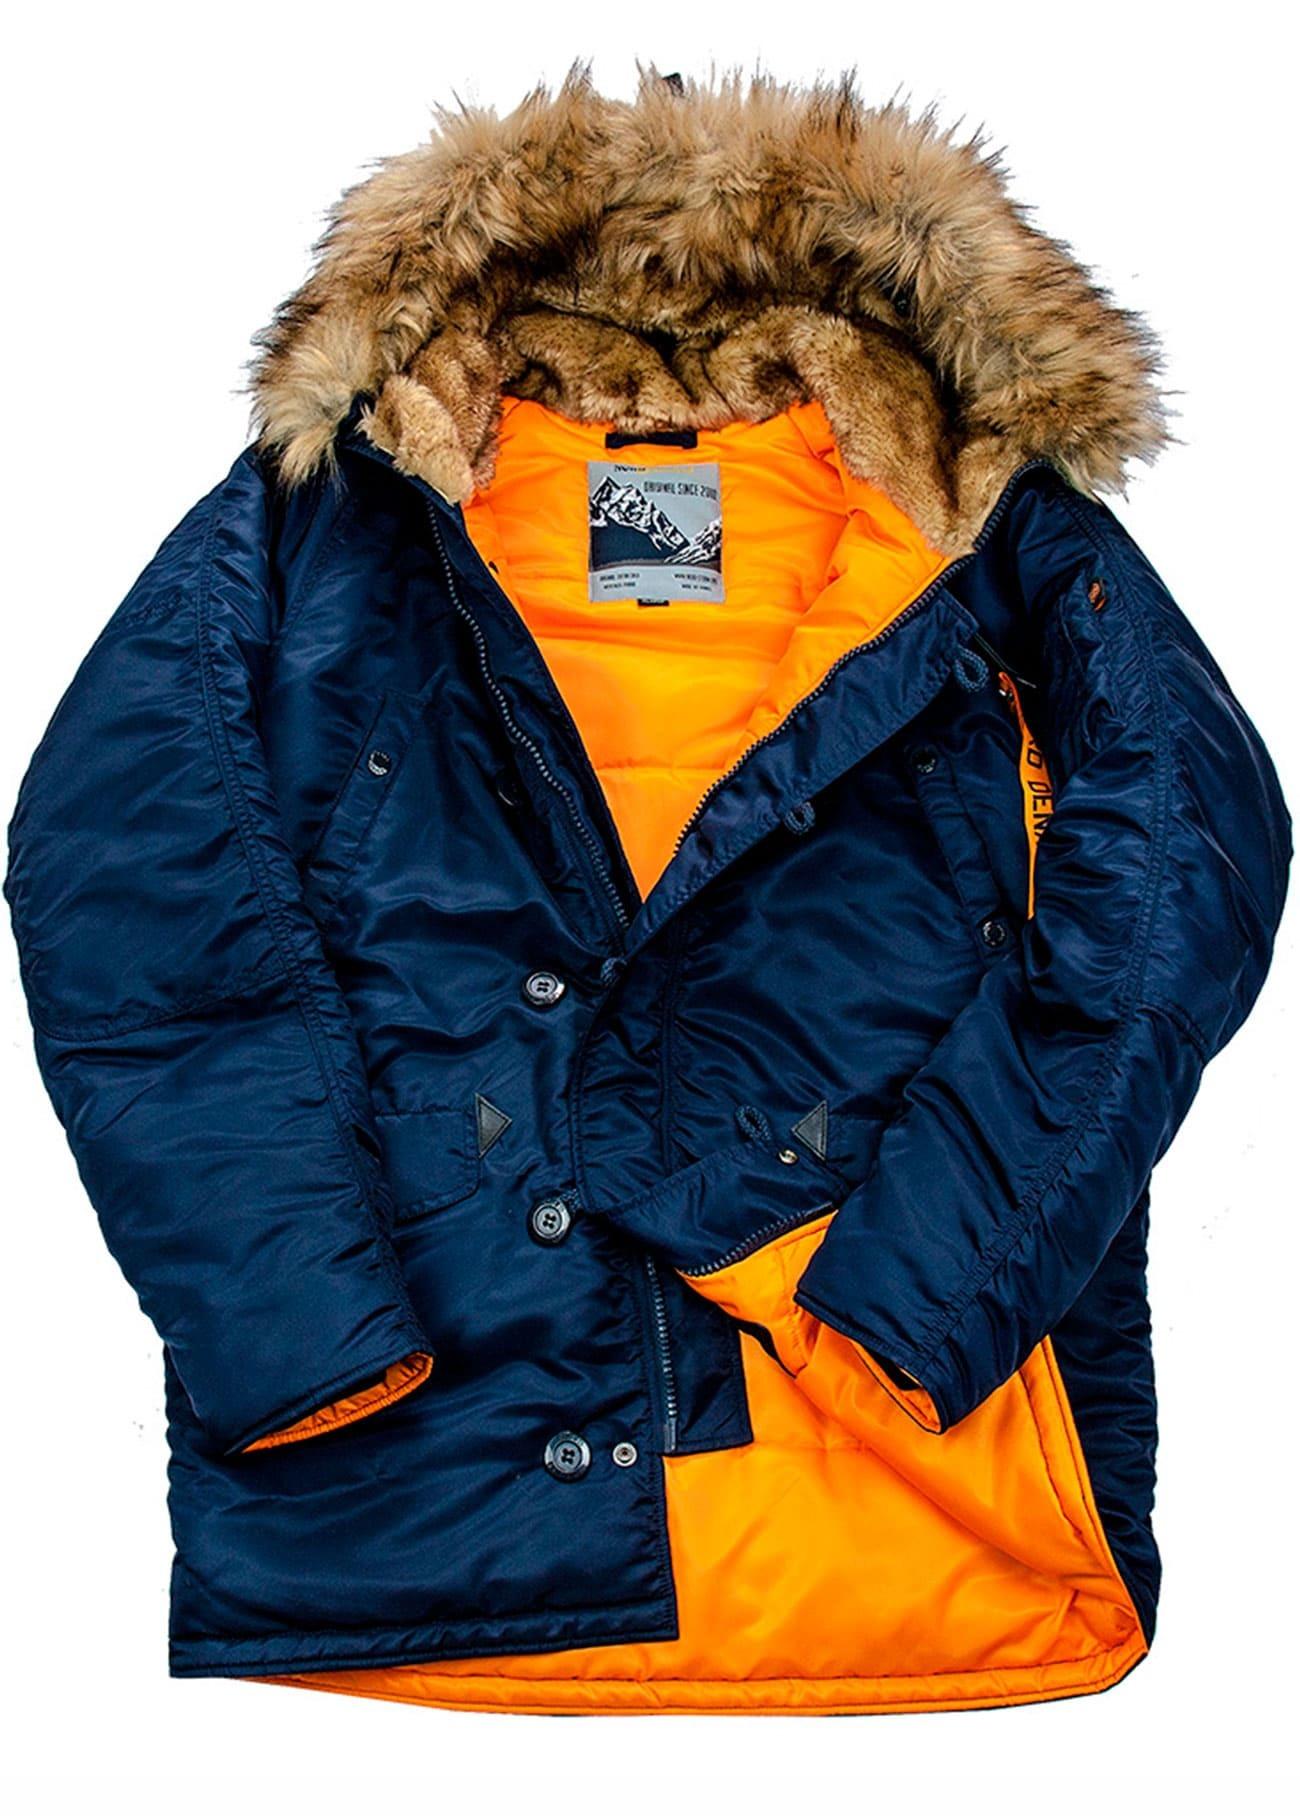 Куртка Аляска N-3B  Husky Denali 2019 (синяя - r.blue/orange)